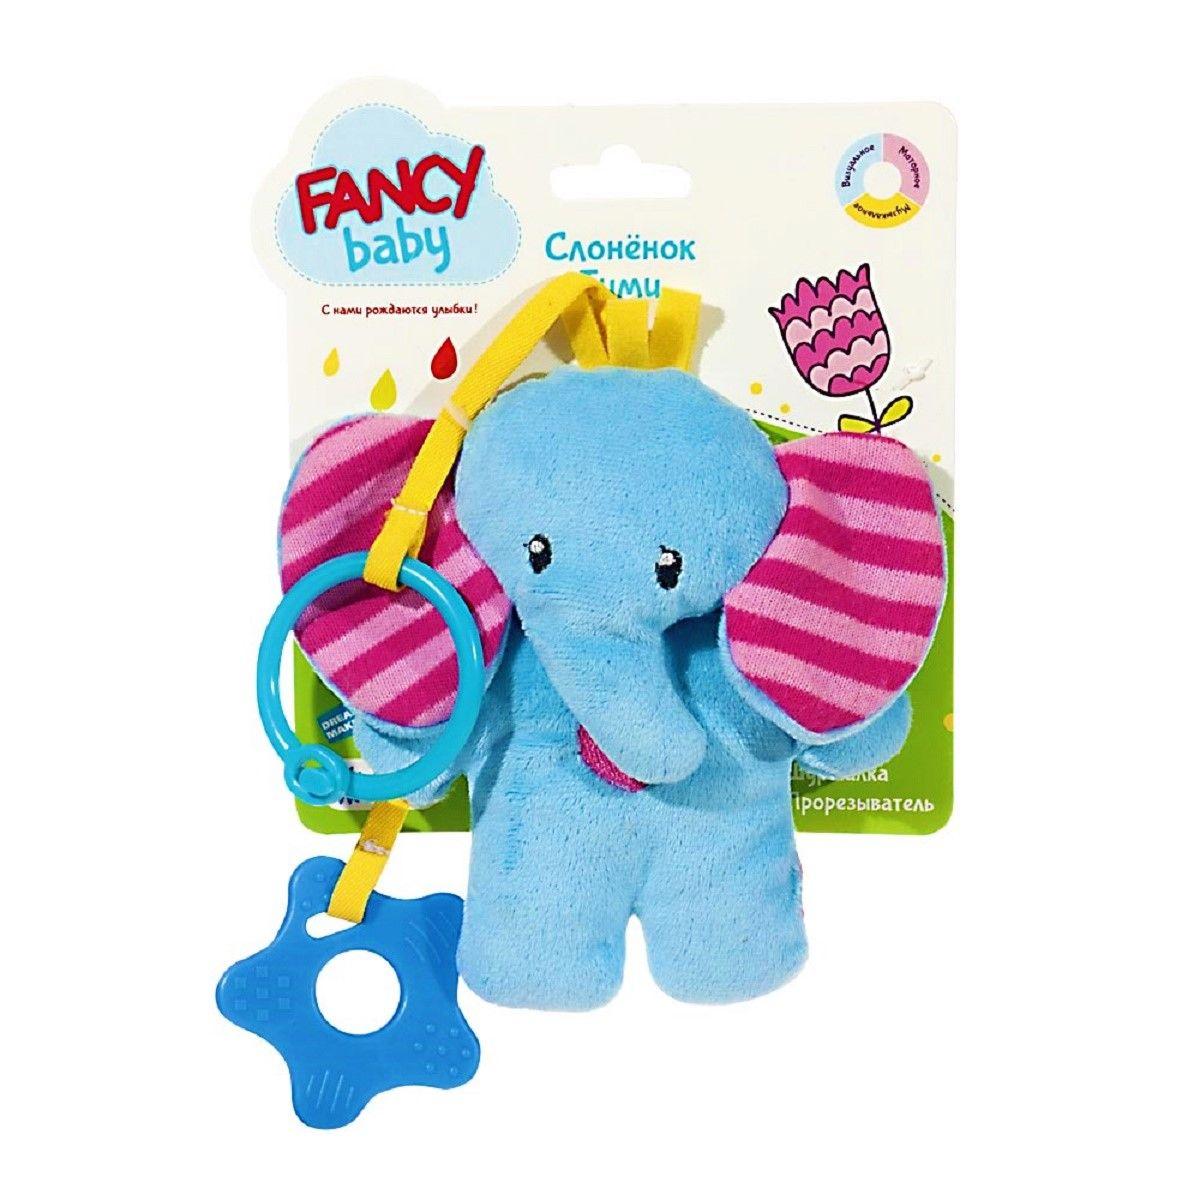 Fancy Развивающая игрушка Слоненок ТимиSLON0Игрушка-подвеска с элементами: прорезыватель, шуршащие ушки.